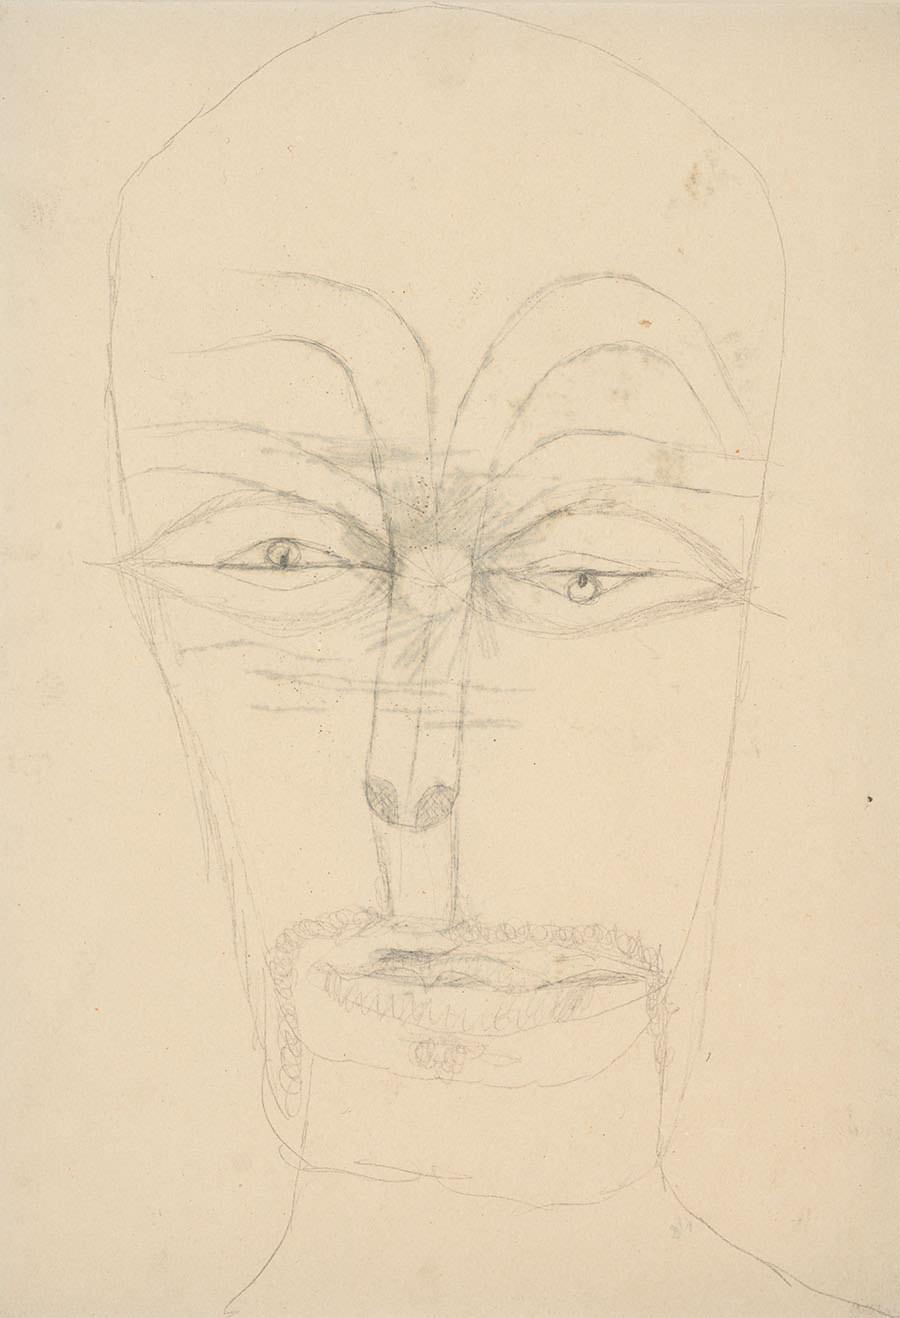 Paul Klee  Ohne Titel (Rückseite von  Mister Sol ), 1919, Bleistift auf Papier, 27,2 x 19,6 cm, Privatbesitz ©Zentrum Paul Klee, Bern, Archiv